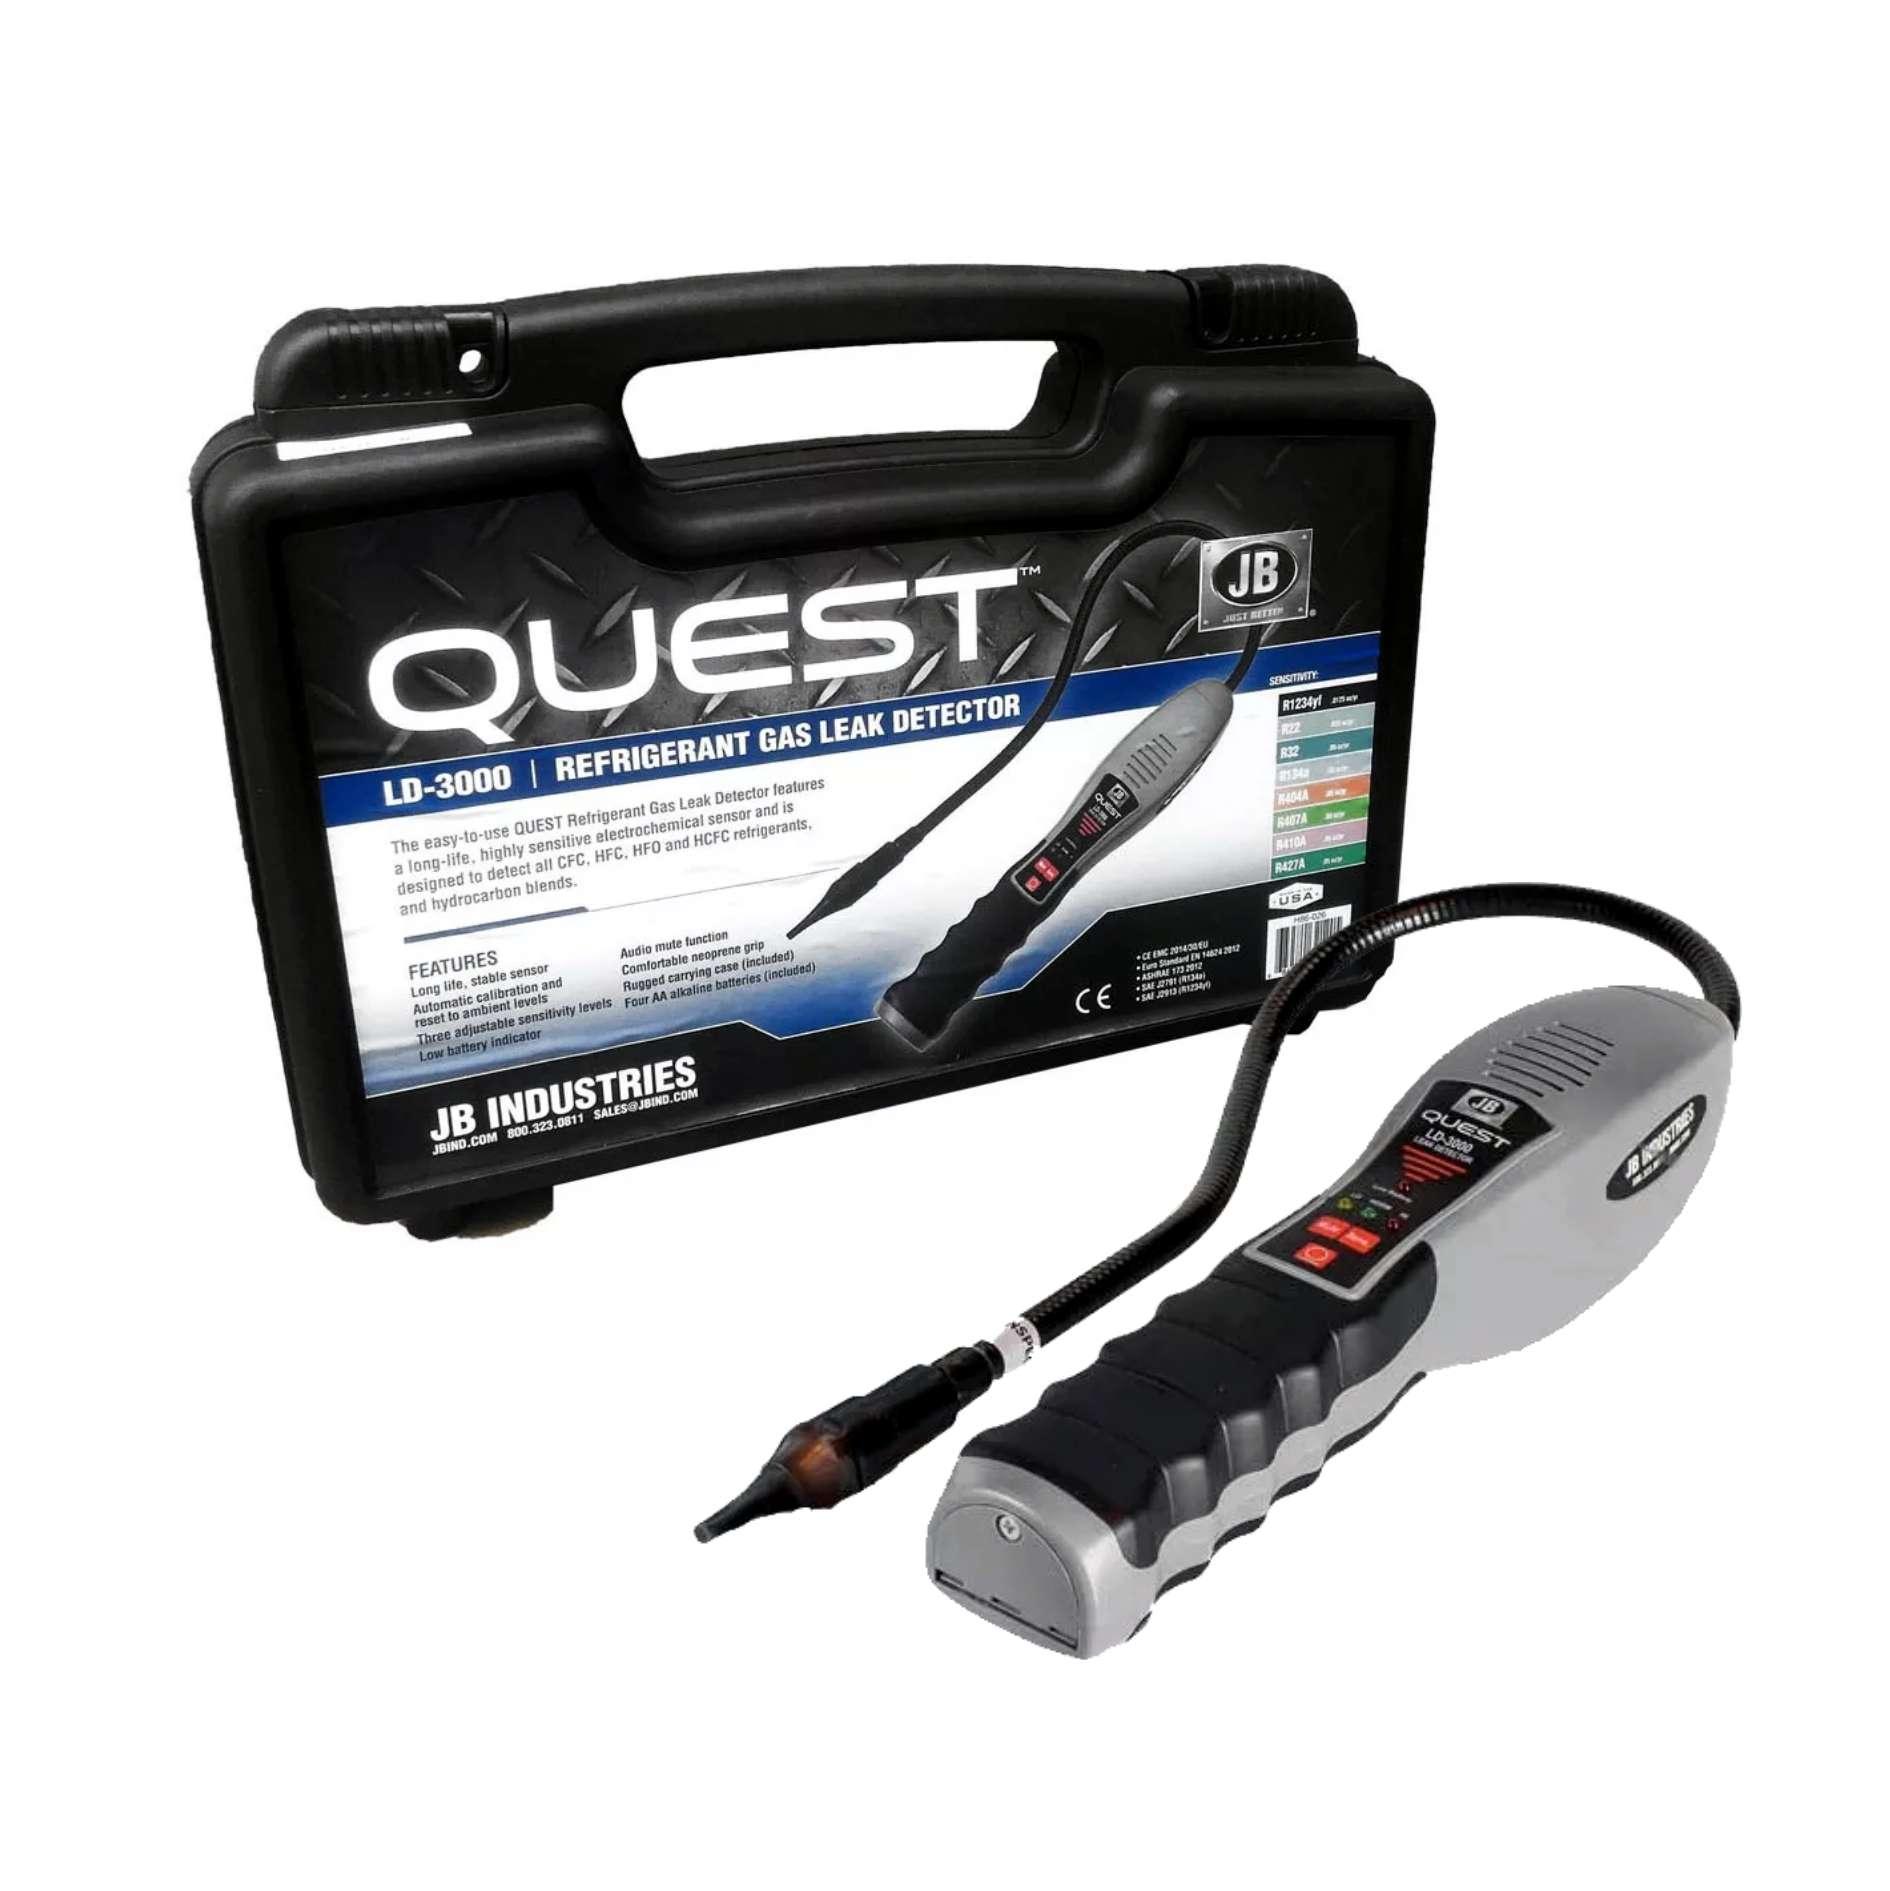 Detector de Vazamento de Gás Fluído Refrigerante JB LD-3000 Quest